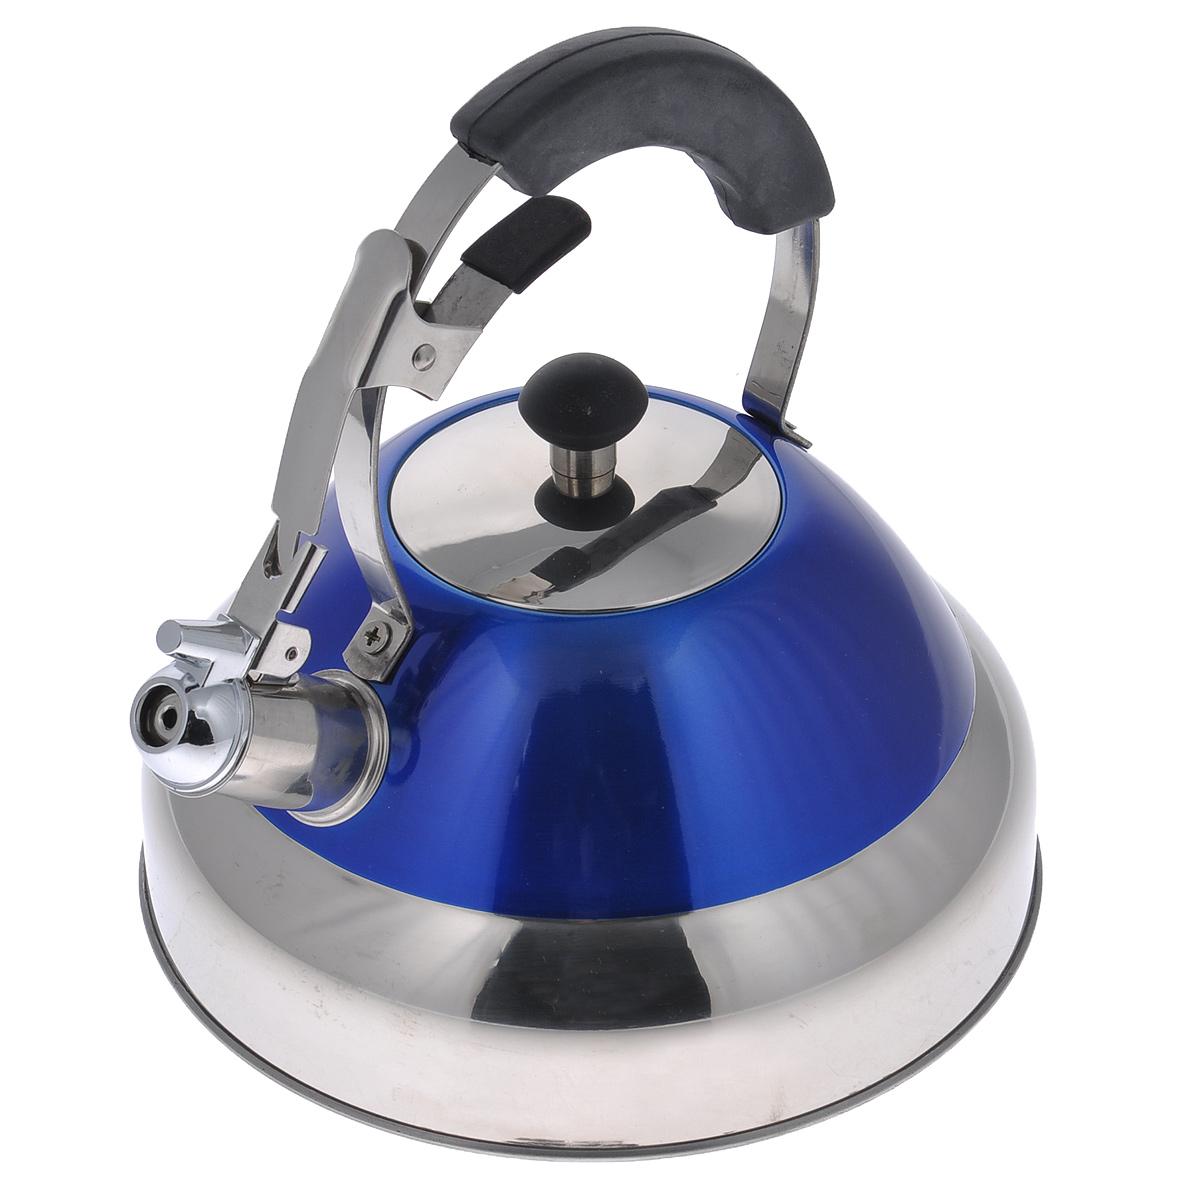 Чайник Bekker De Luxe со свистком, цвет: синий, 2,7 л. BK-S42354 009312Чайник Bekker De Luxe выполнен из высококачественной нержавеющей стали, что обеспечивает долговечность использования. Внешнее цветное эмалевое покрытие придает приятный внешний вид. Металлическая фиксированная ручка с силиконовым покрытием делает использование чайника очень удобным и безопасным. Чайник снабжен свистком и устройством для открывания носика. Изделие оснащено капсулированным дном для лучшего распространения тепла.Можно мыть в посудомоечной машине. Пригоден для всех видов плит кроме индукционных. Высота чайника (без учета крышки и ручки): 11 см.Высота чайника (с учетом ручки): 24 см. Диаметр основания: 22,5 см.